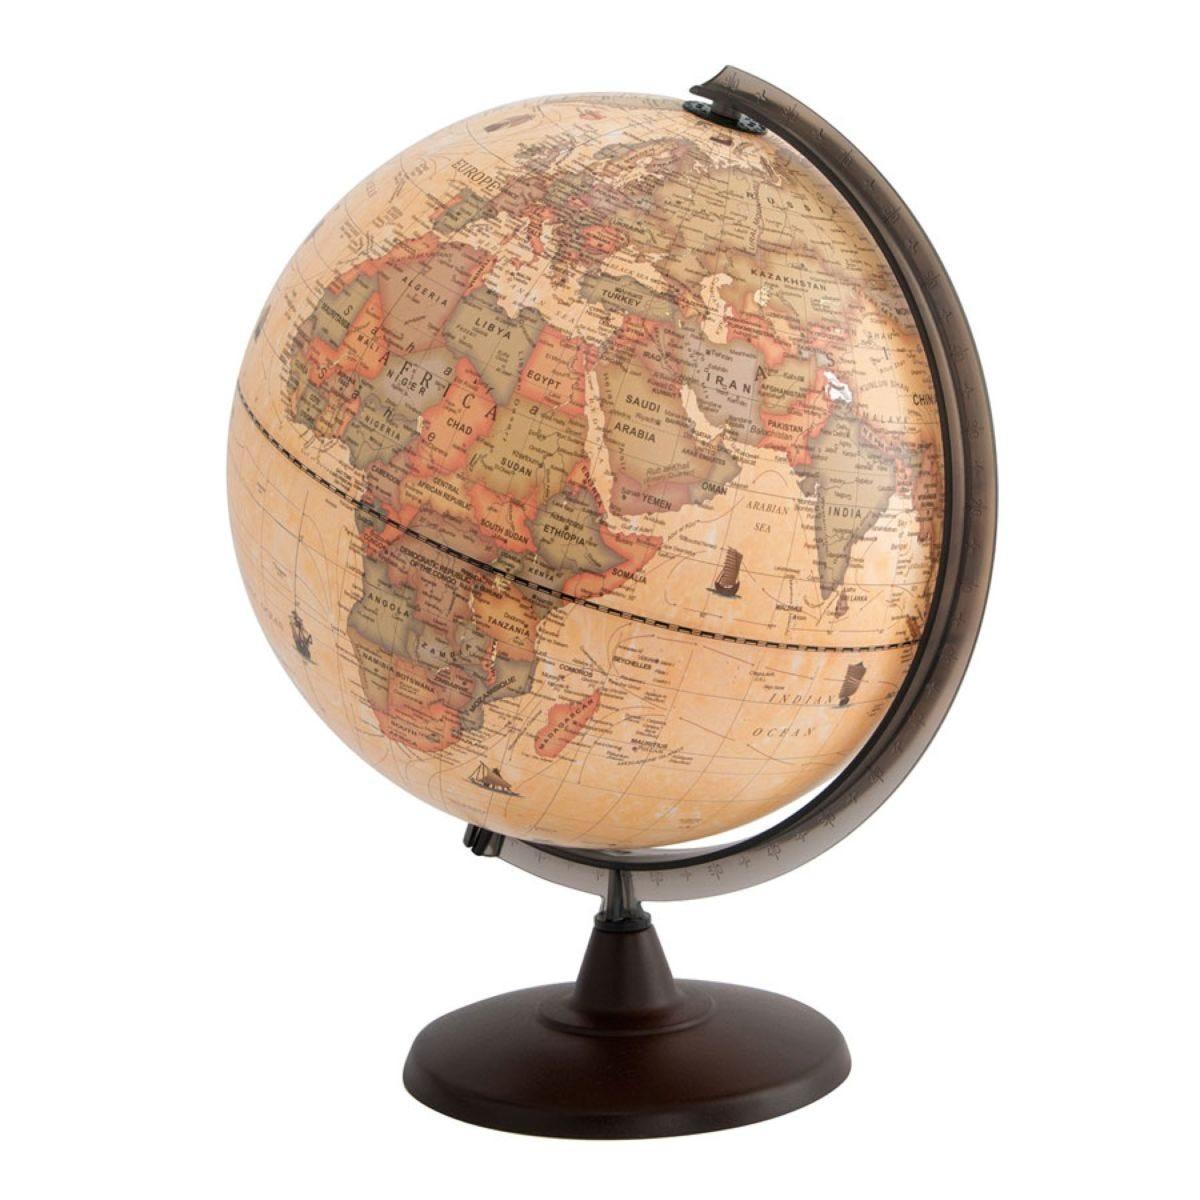 Illuminated Antique 30cm World Globe